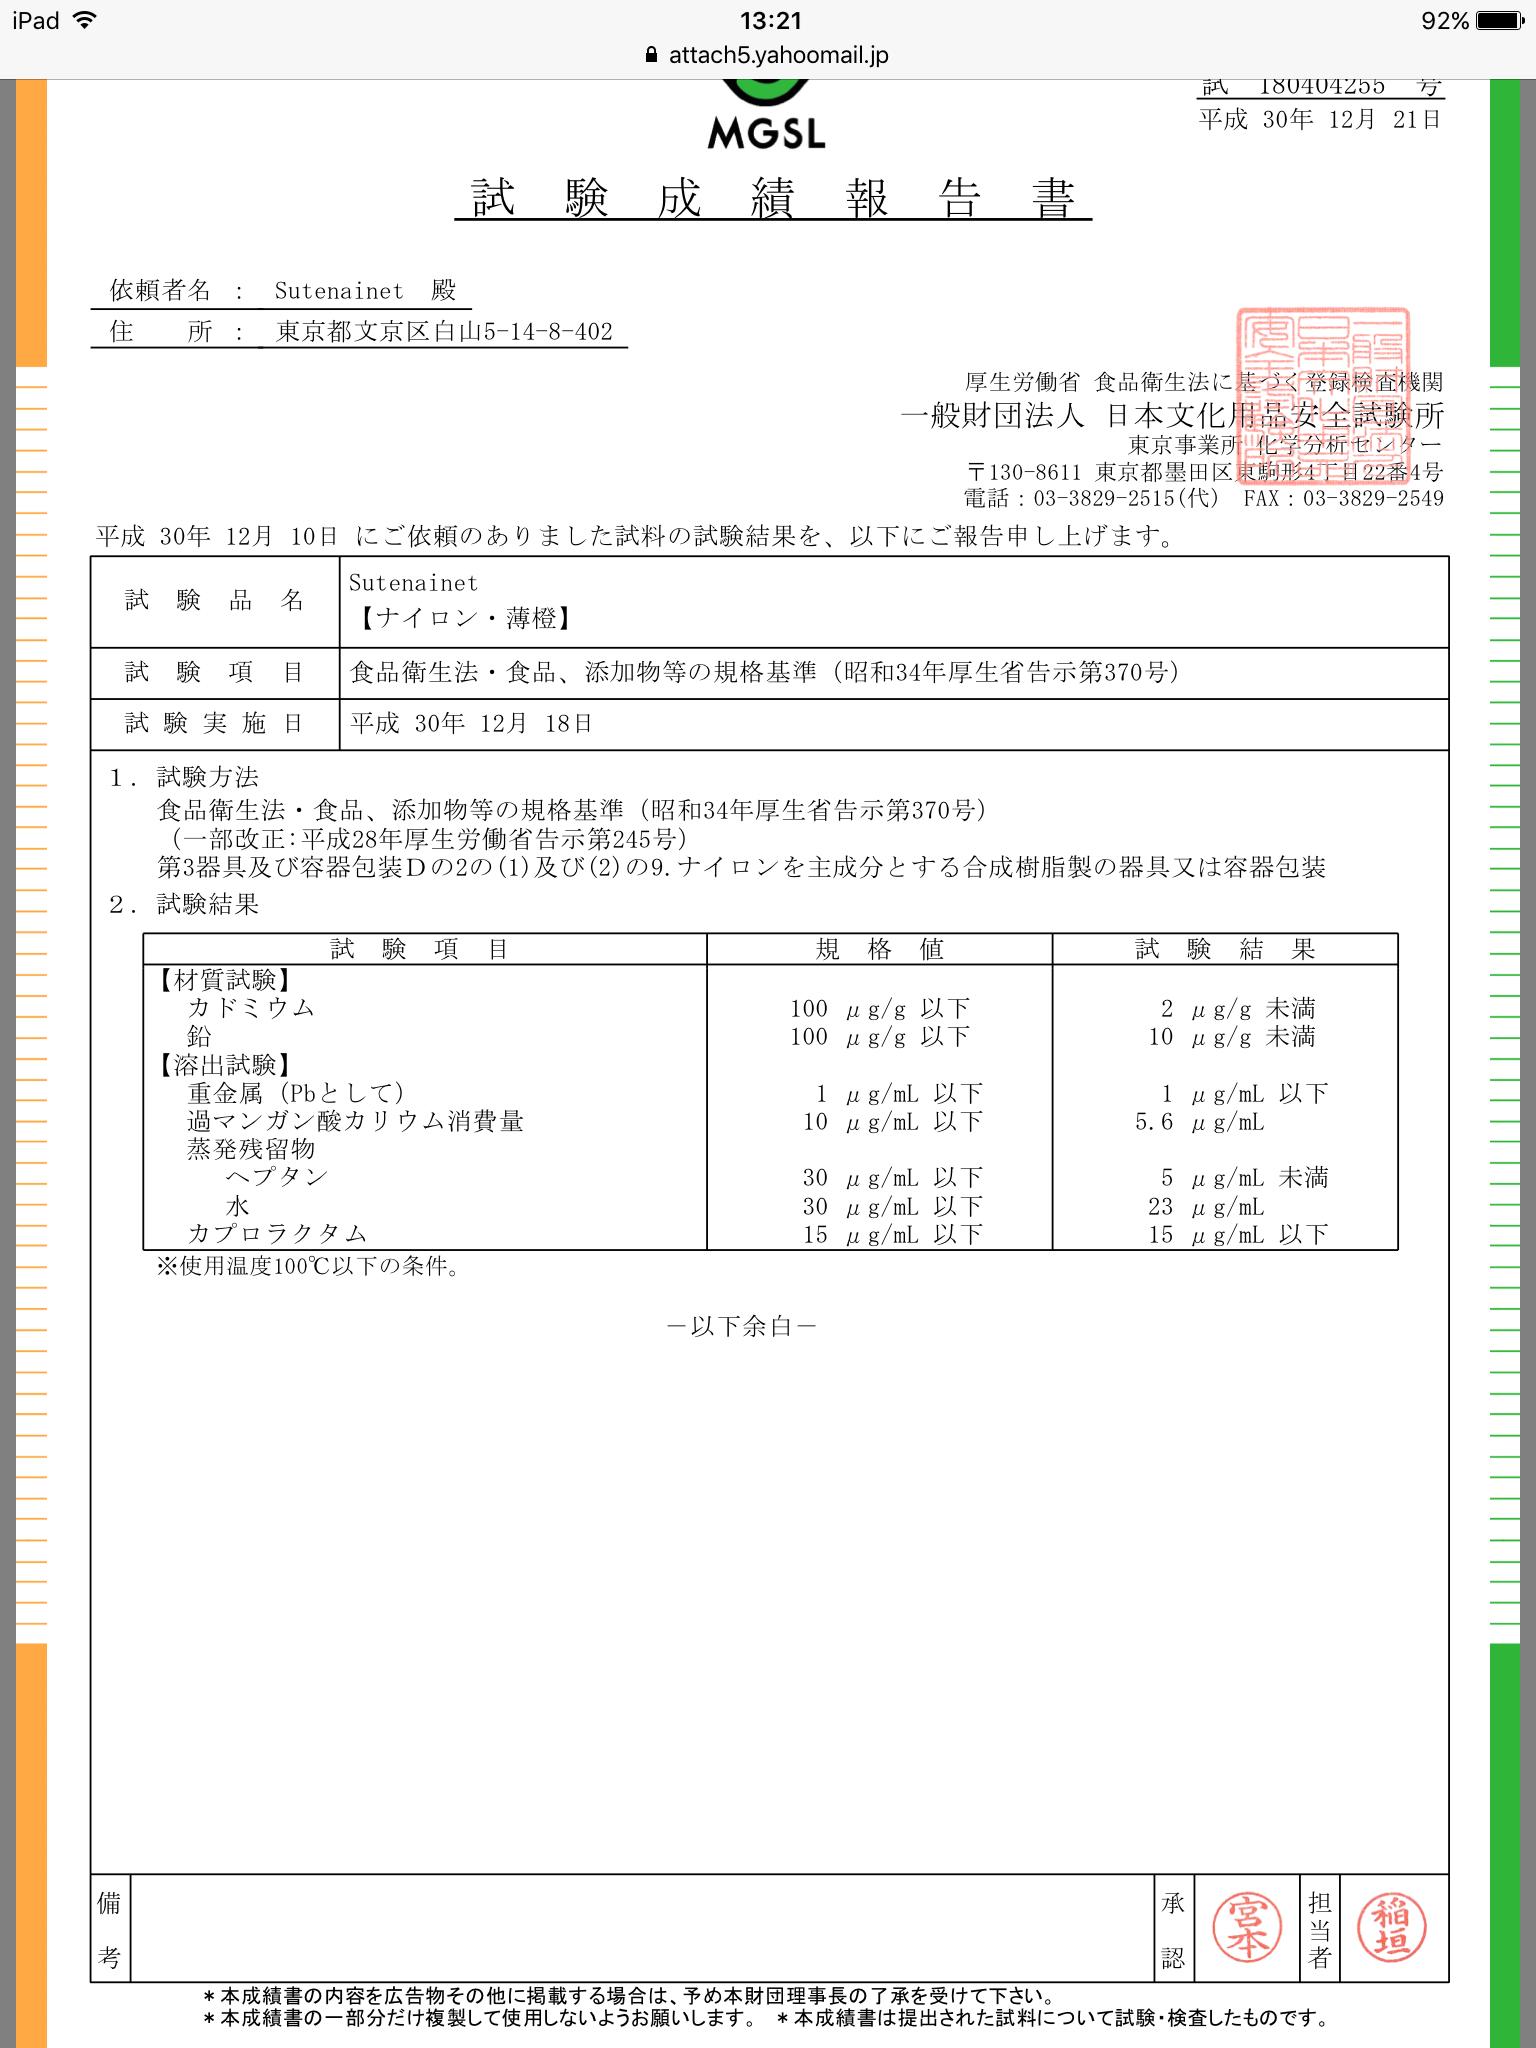 一般財団法人 日本文化用品安全試験所  検査済み